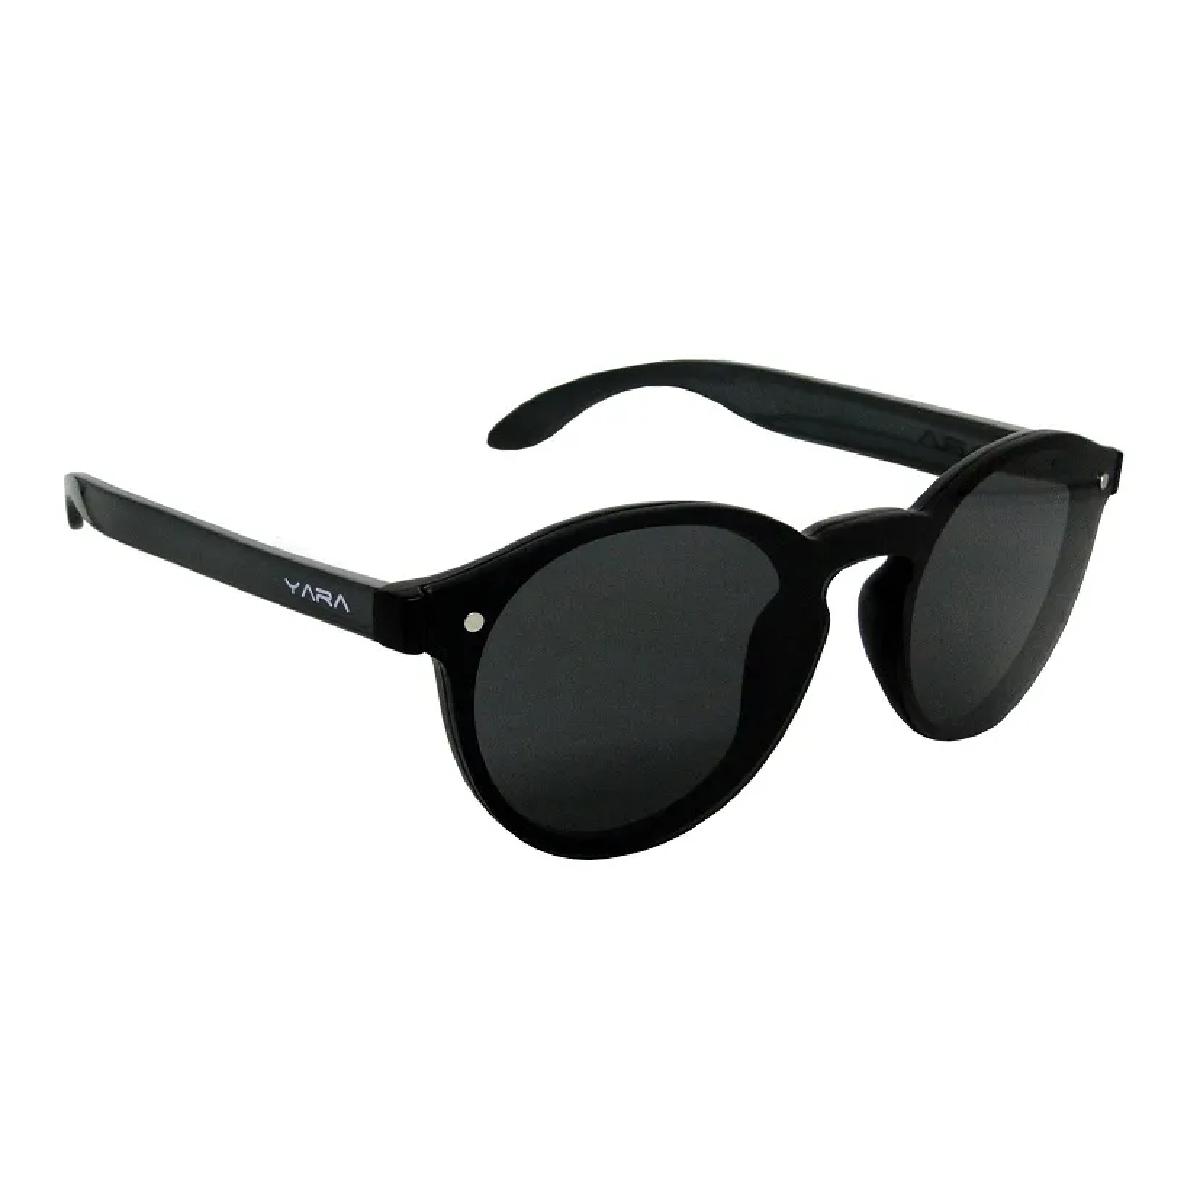 Óculos de Sol Polarizado Yara Dark Vision 09611 Casual - Lente Smoke Feminino